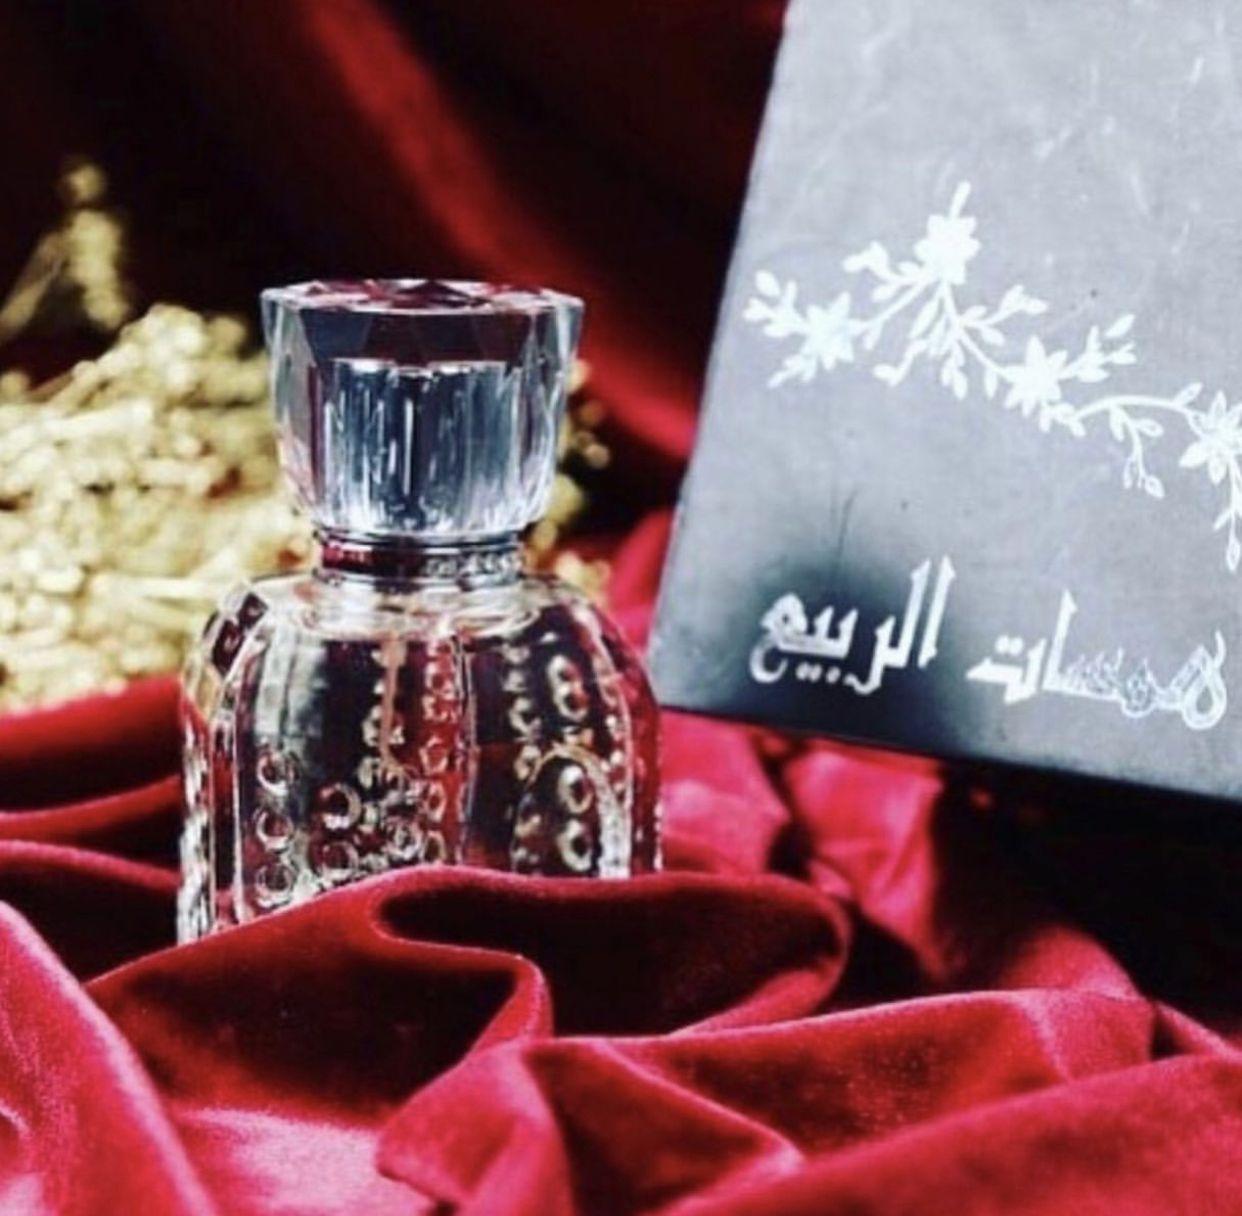 عطر همسات الربيع Whisper Of The Spring عطر يفوق الخيال بشذى الورد الطائفي قطفه أولى نخب العروسة مع مزيج من الورود والأسرا Perfume Bottles Perfume Bottle